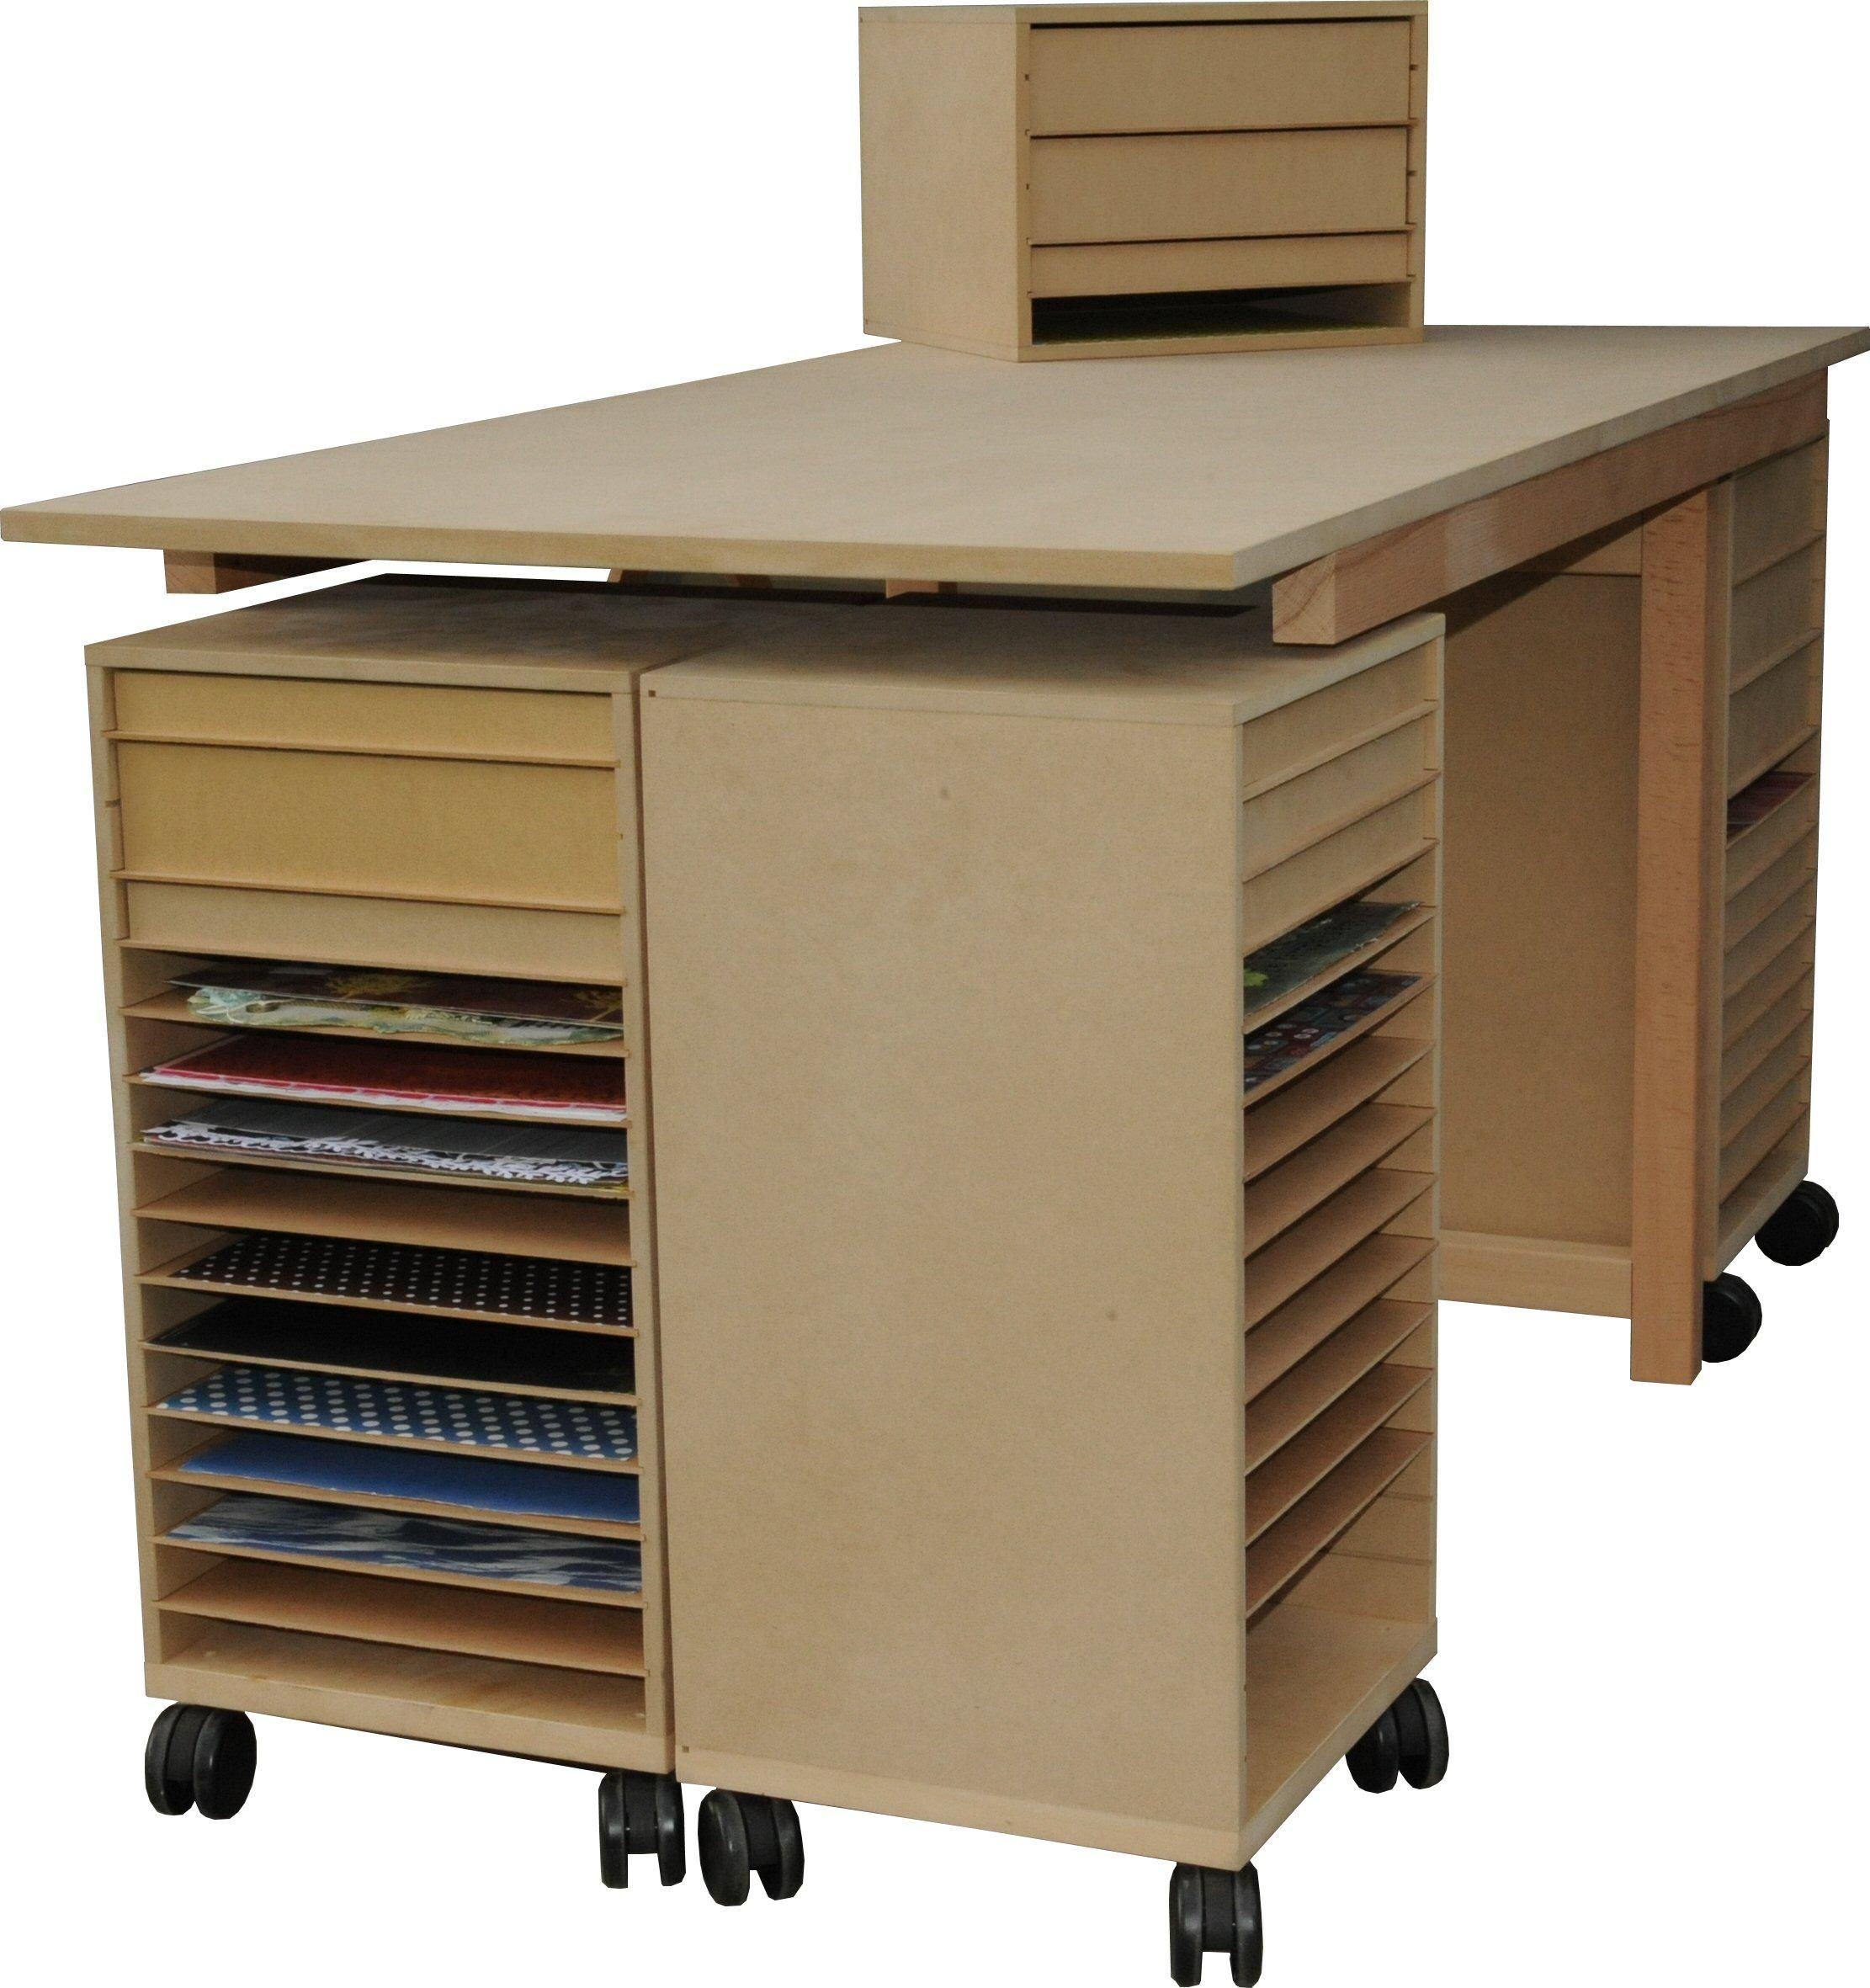 Meuble Atelier Scrap Rangement Art Meuble Rangement Rangement Carton